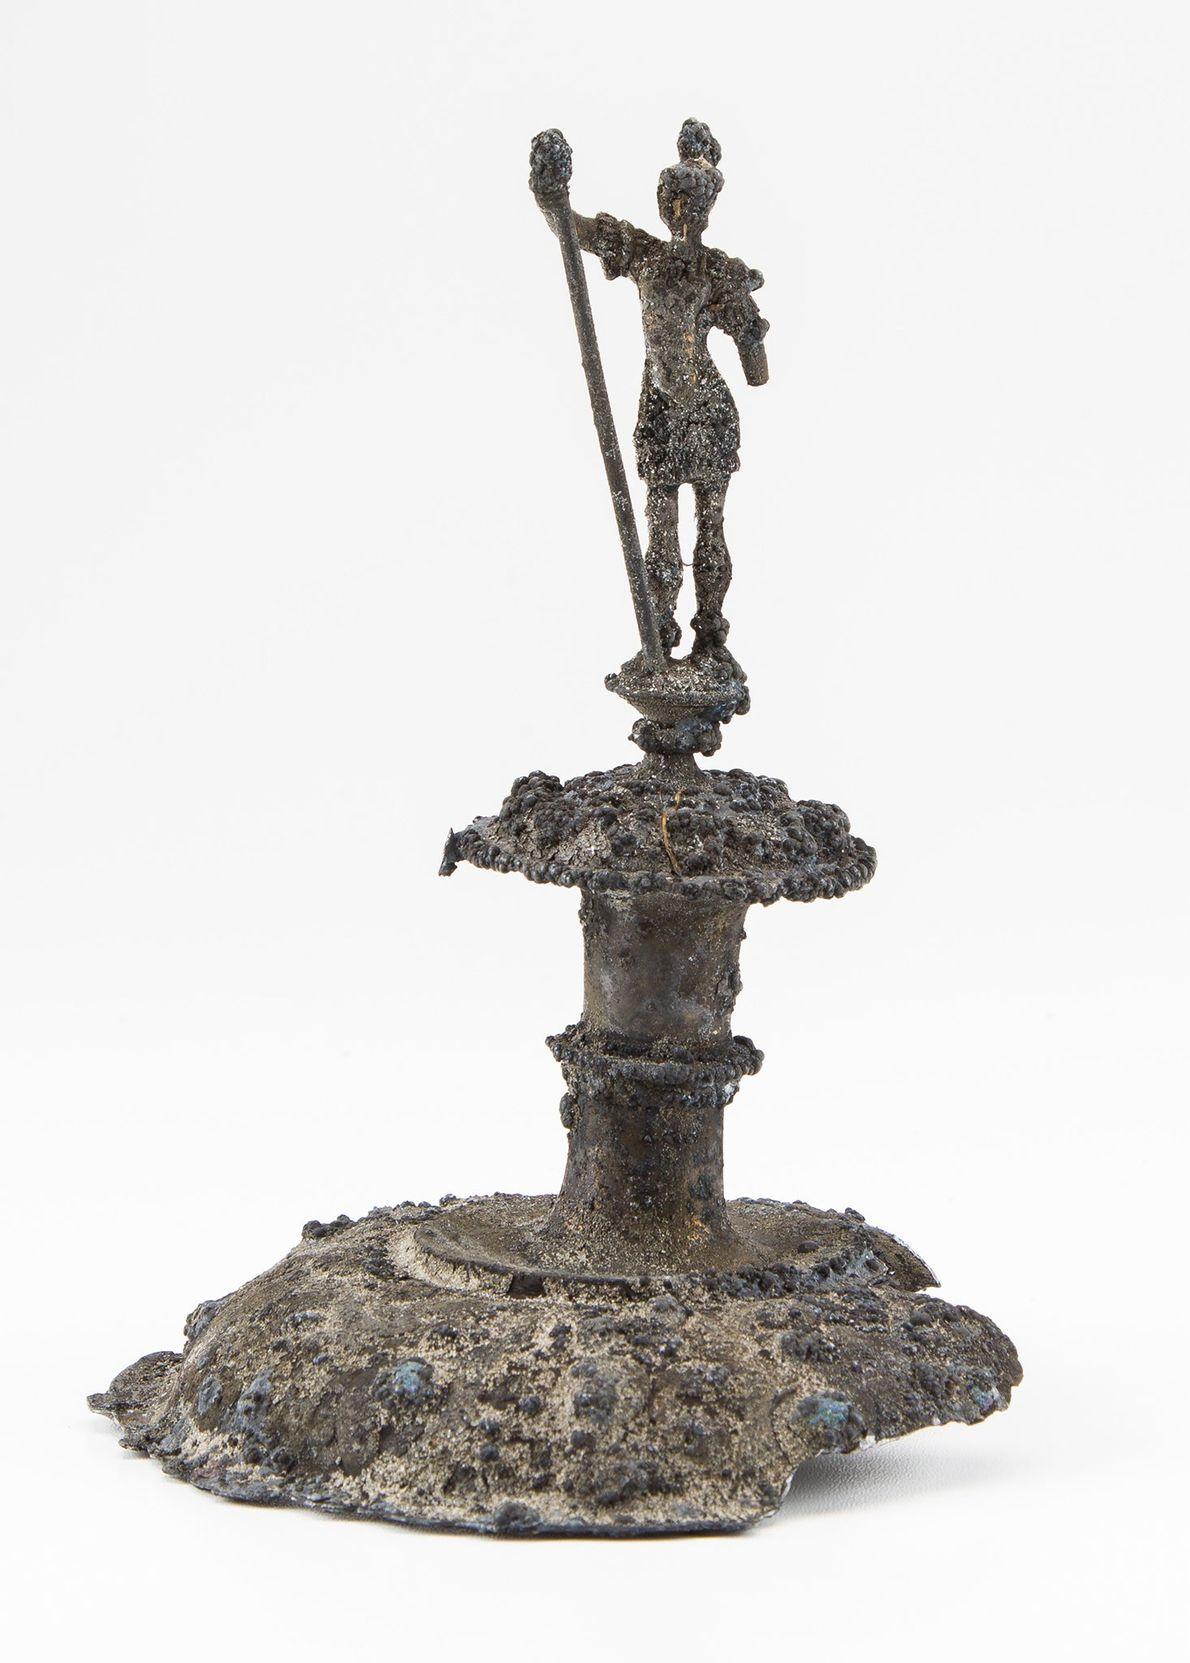 Image d'un bibelot en métal